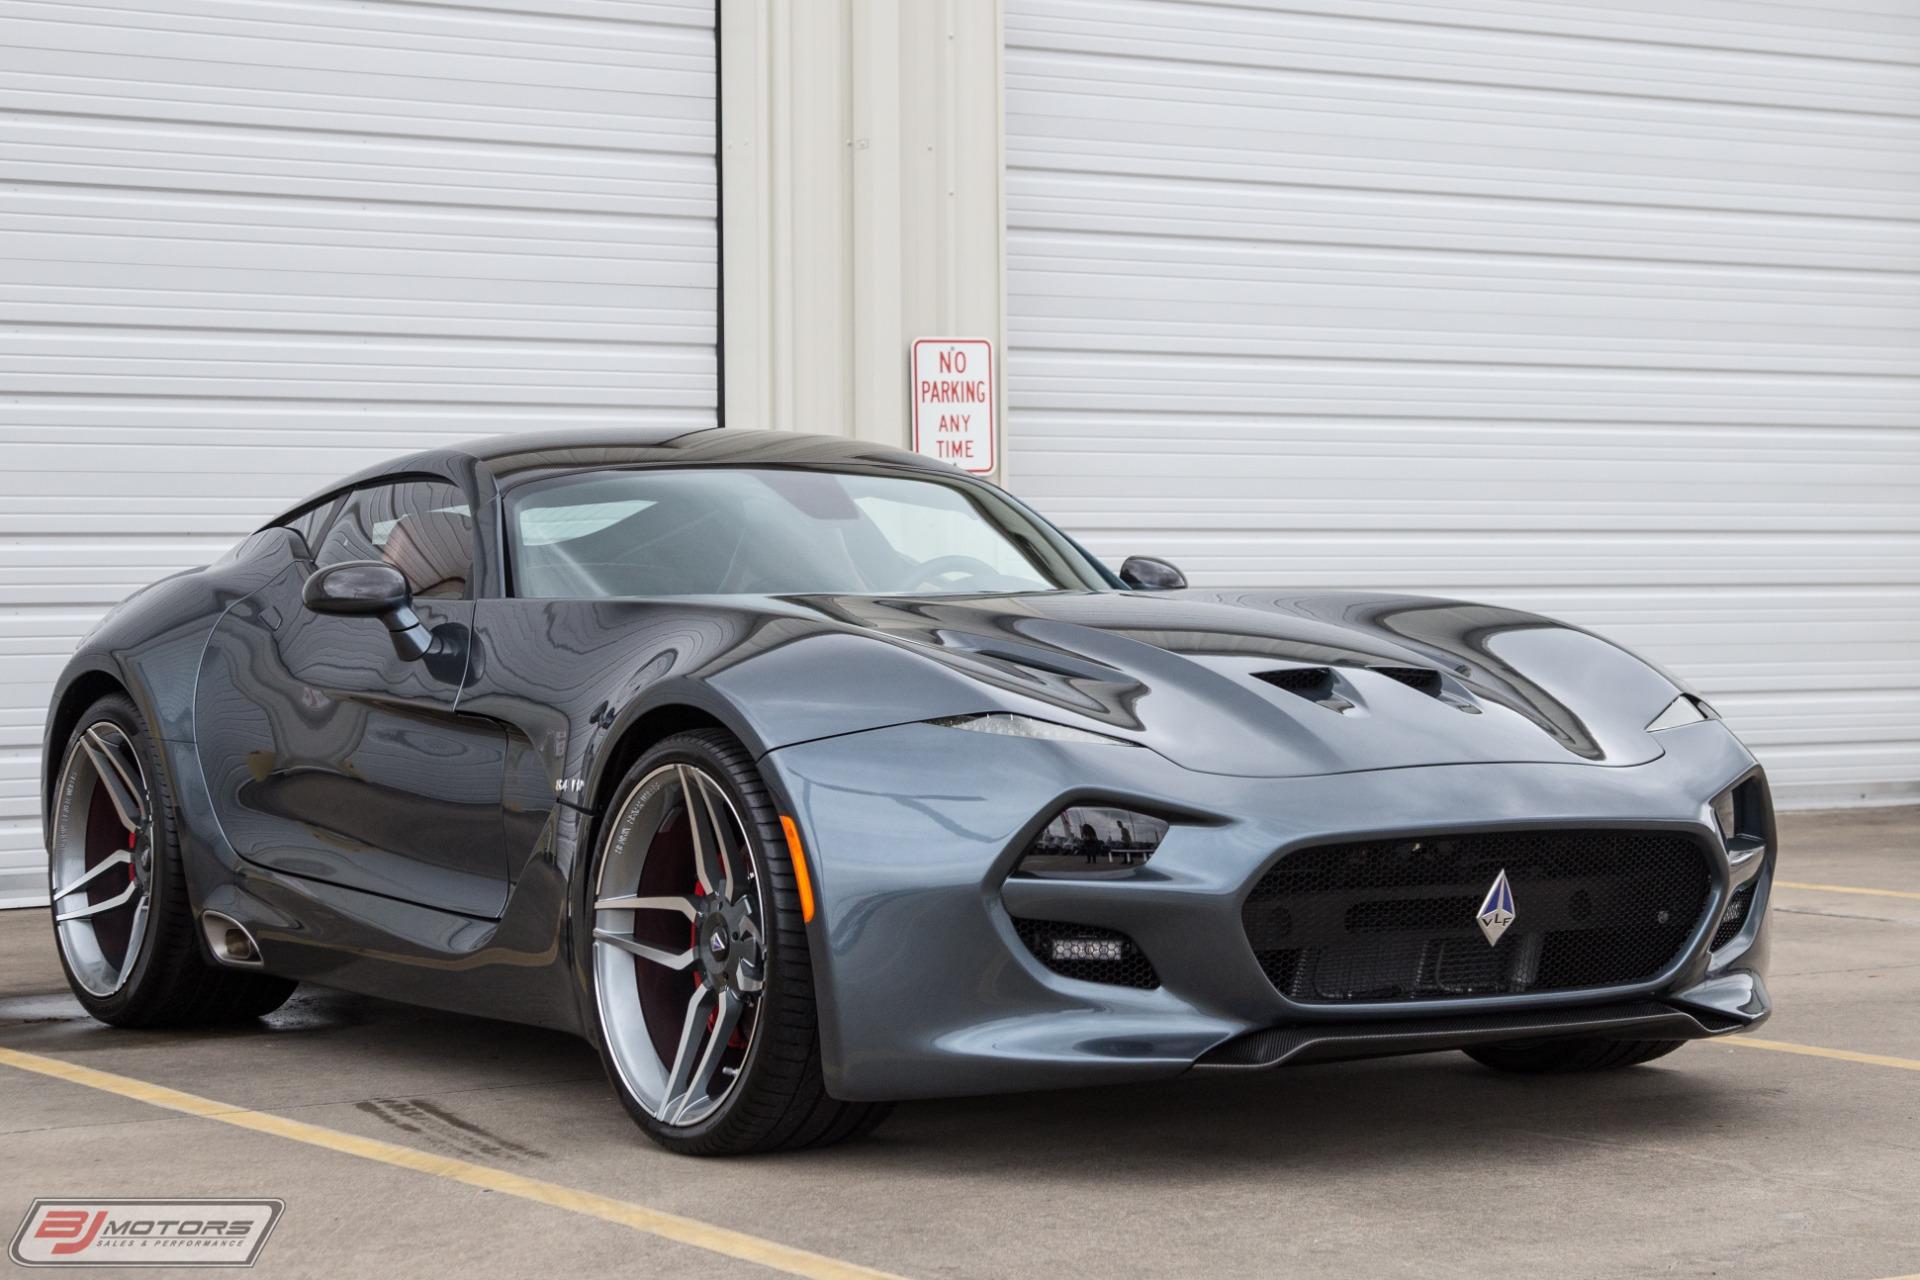 New-2018-VLF-Automotive-Force-1-V10